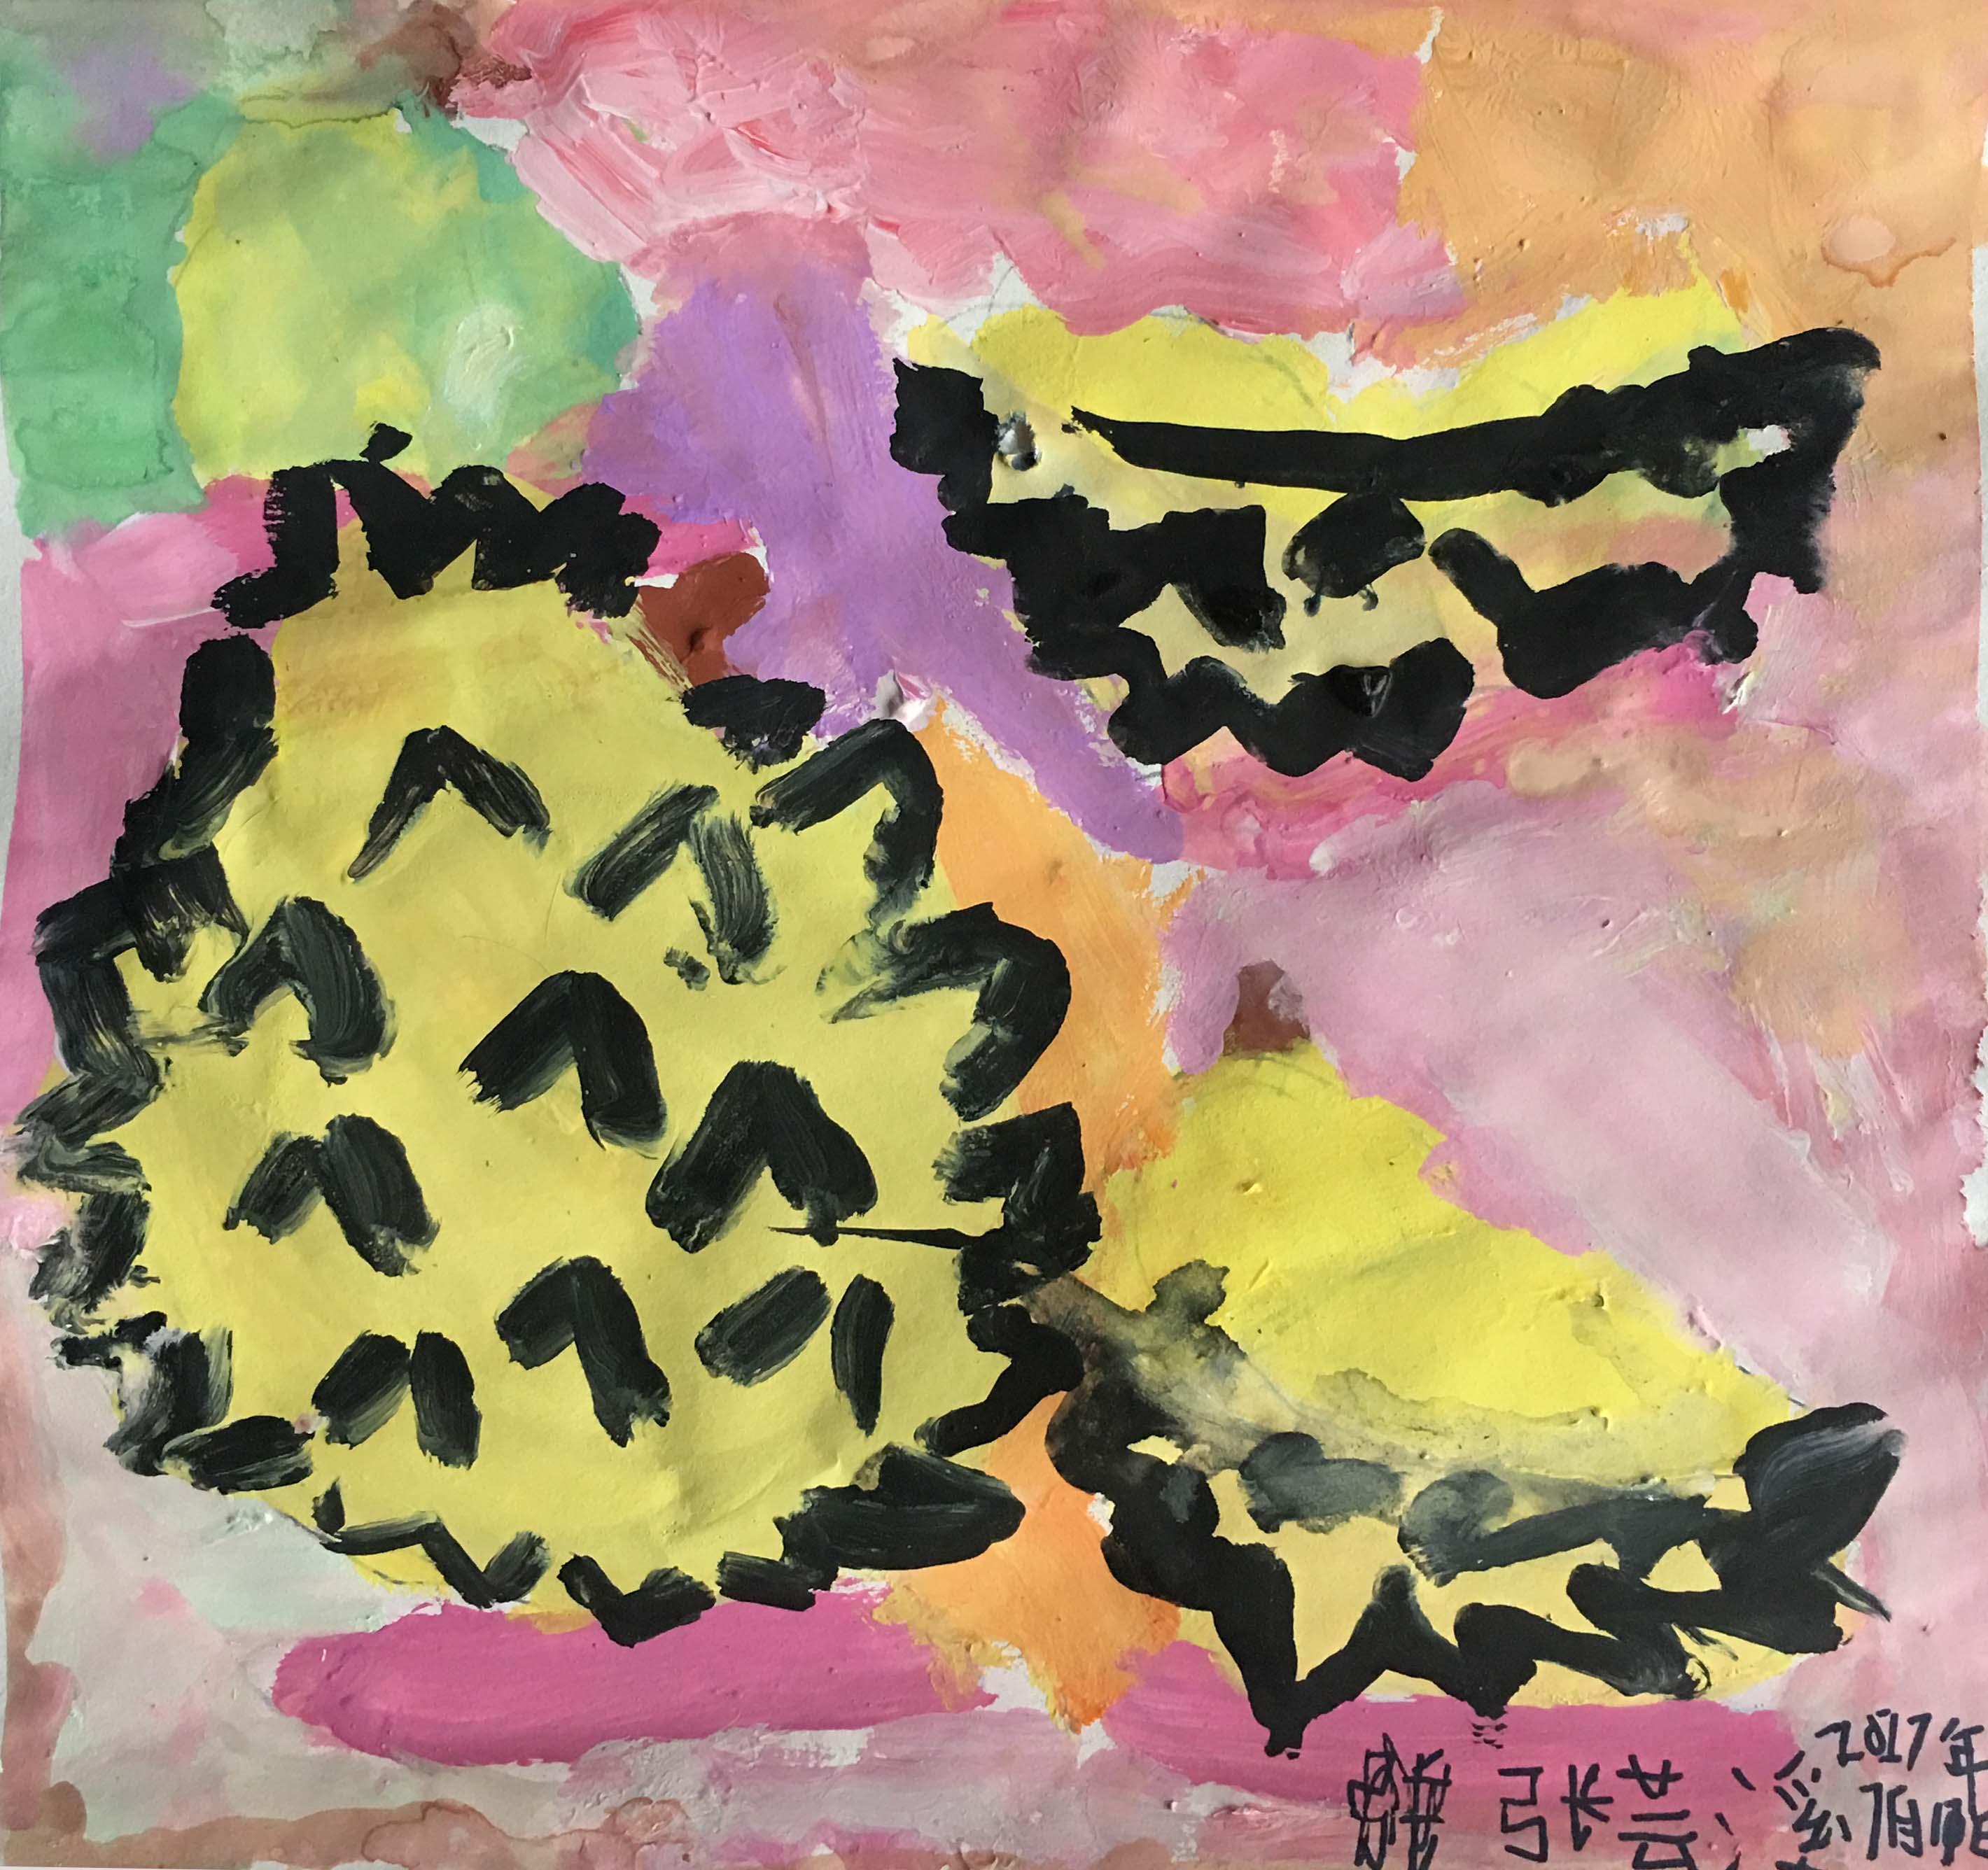 儿童画-榴莲(水粉画)-张芸溪-国际青少年艺术家